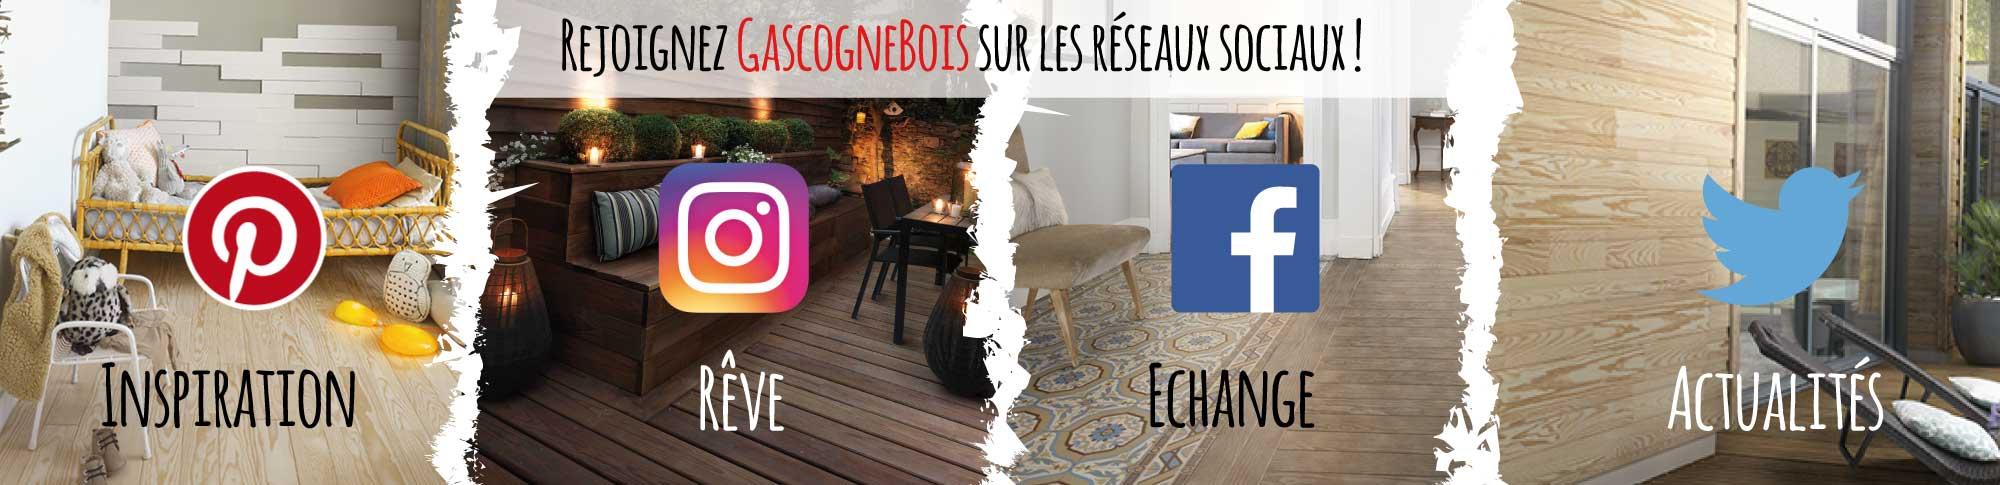 rejoignez Gascogne Bois sur les réseaux sociaux pinterest, instagram, facebook, twitter